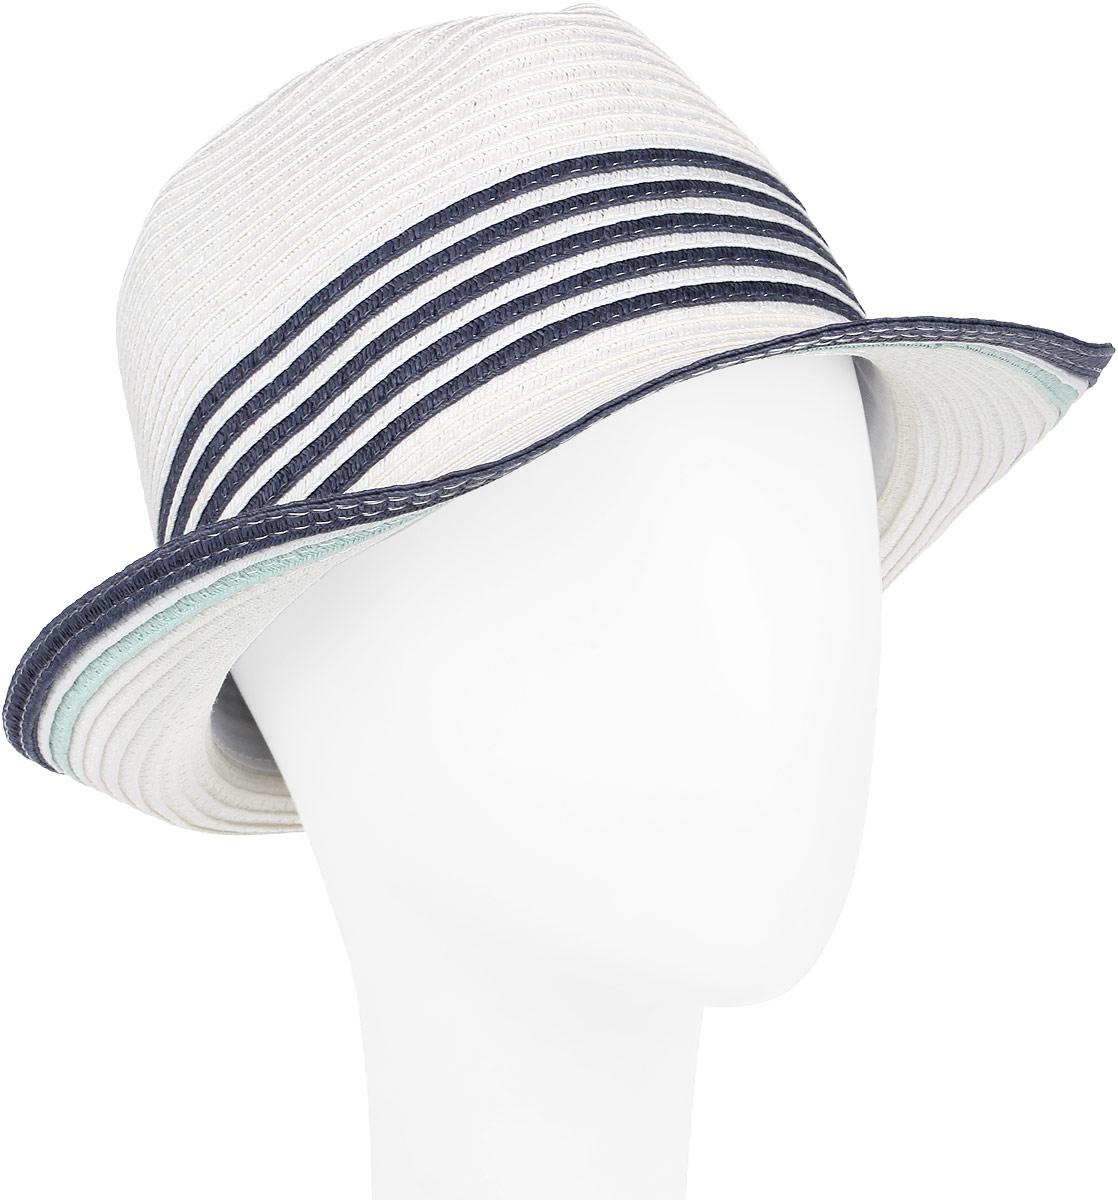 Шляпа женская Fabretti, цвет: белый. GL29-4. Размер универсальныйGL29-4 WHITEСтильная шляпа от Fabretti для пляжного отдыха и прогулок в солнечные дни.